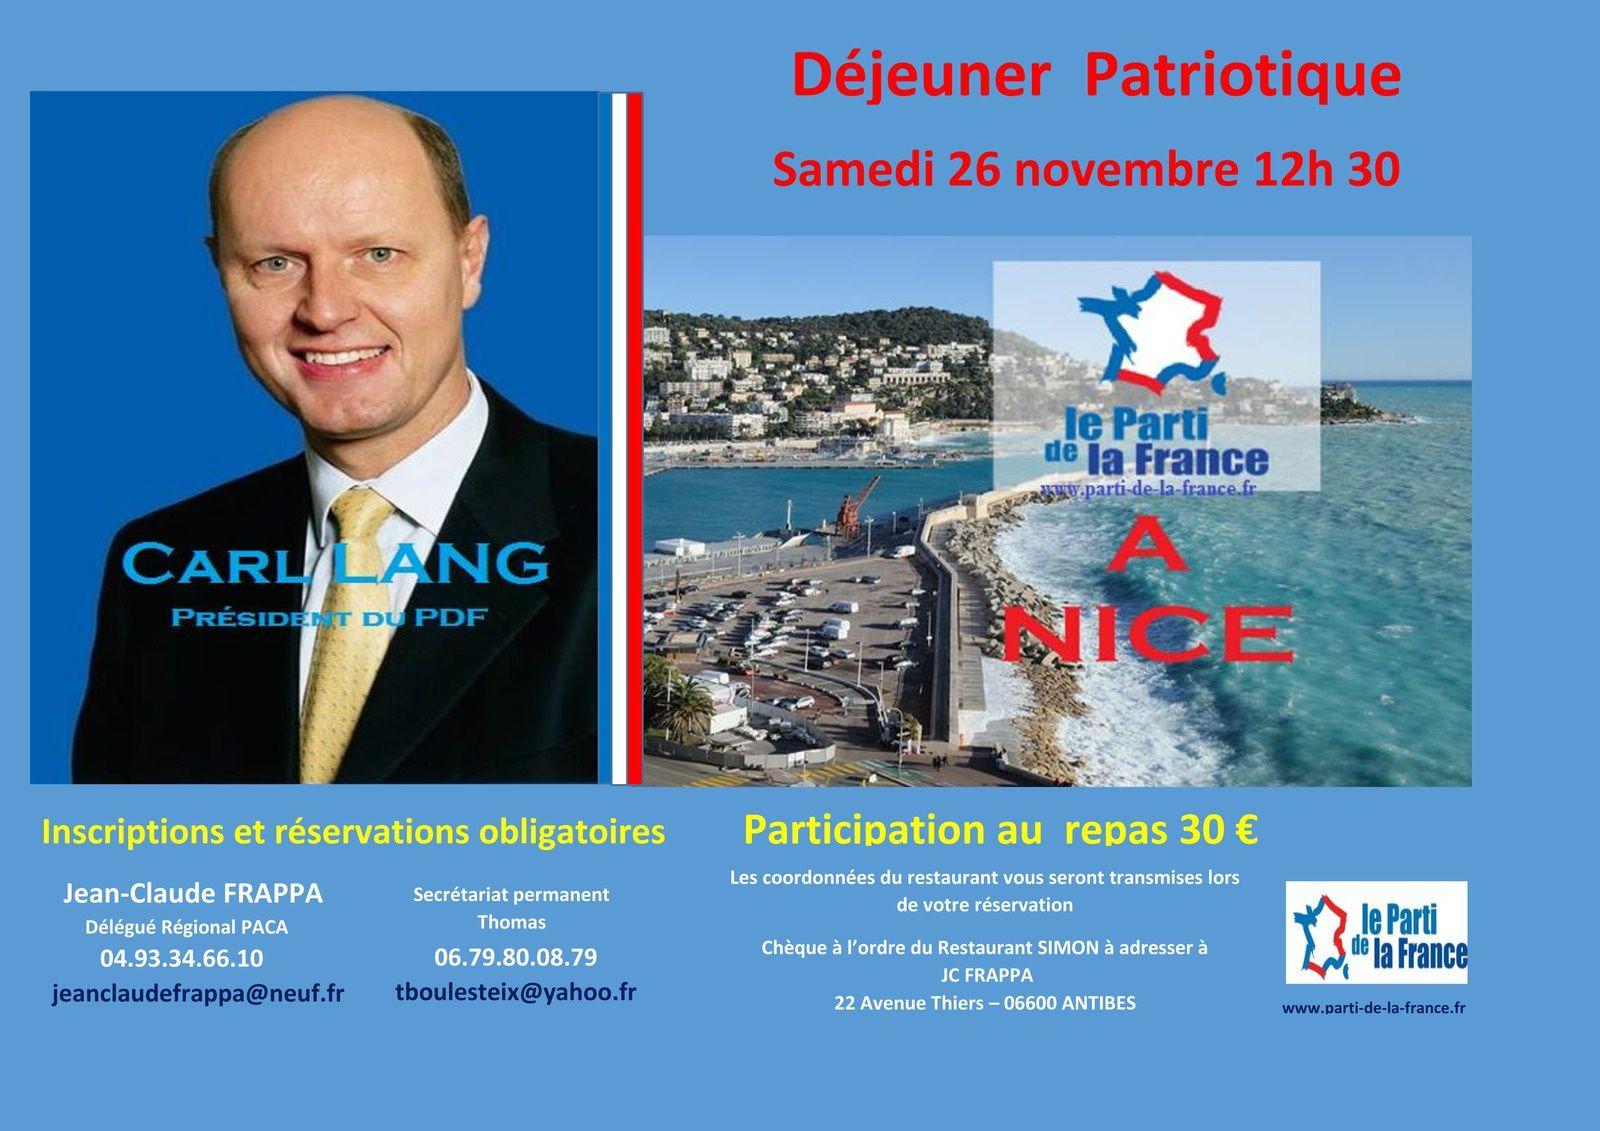 Nice : Déjeuner patriotique avec Carl Lang samedi 26 novembre